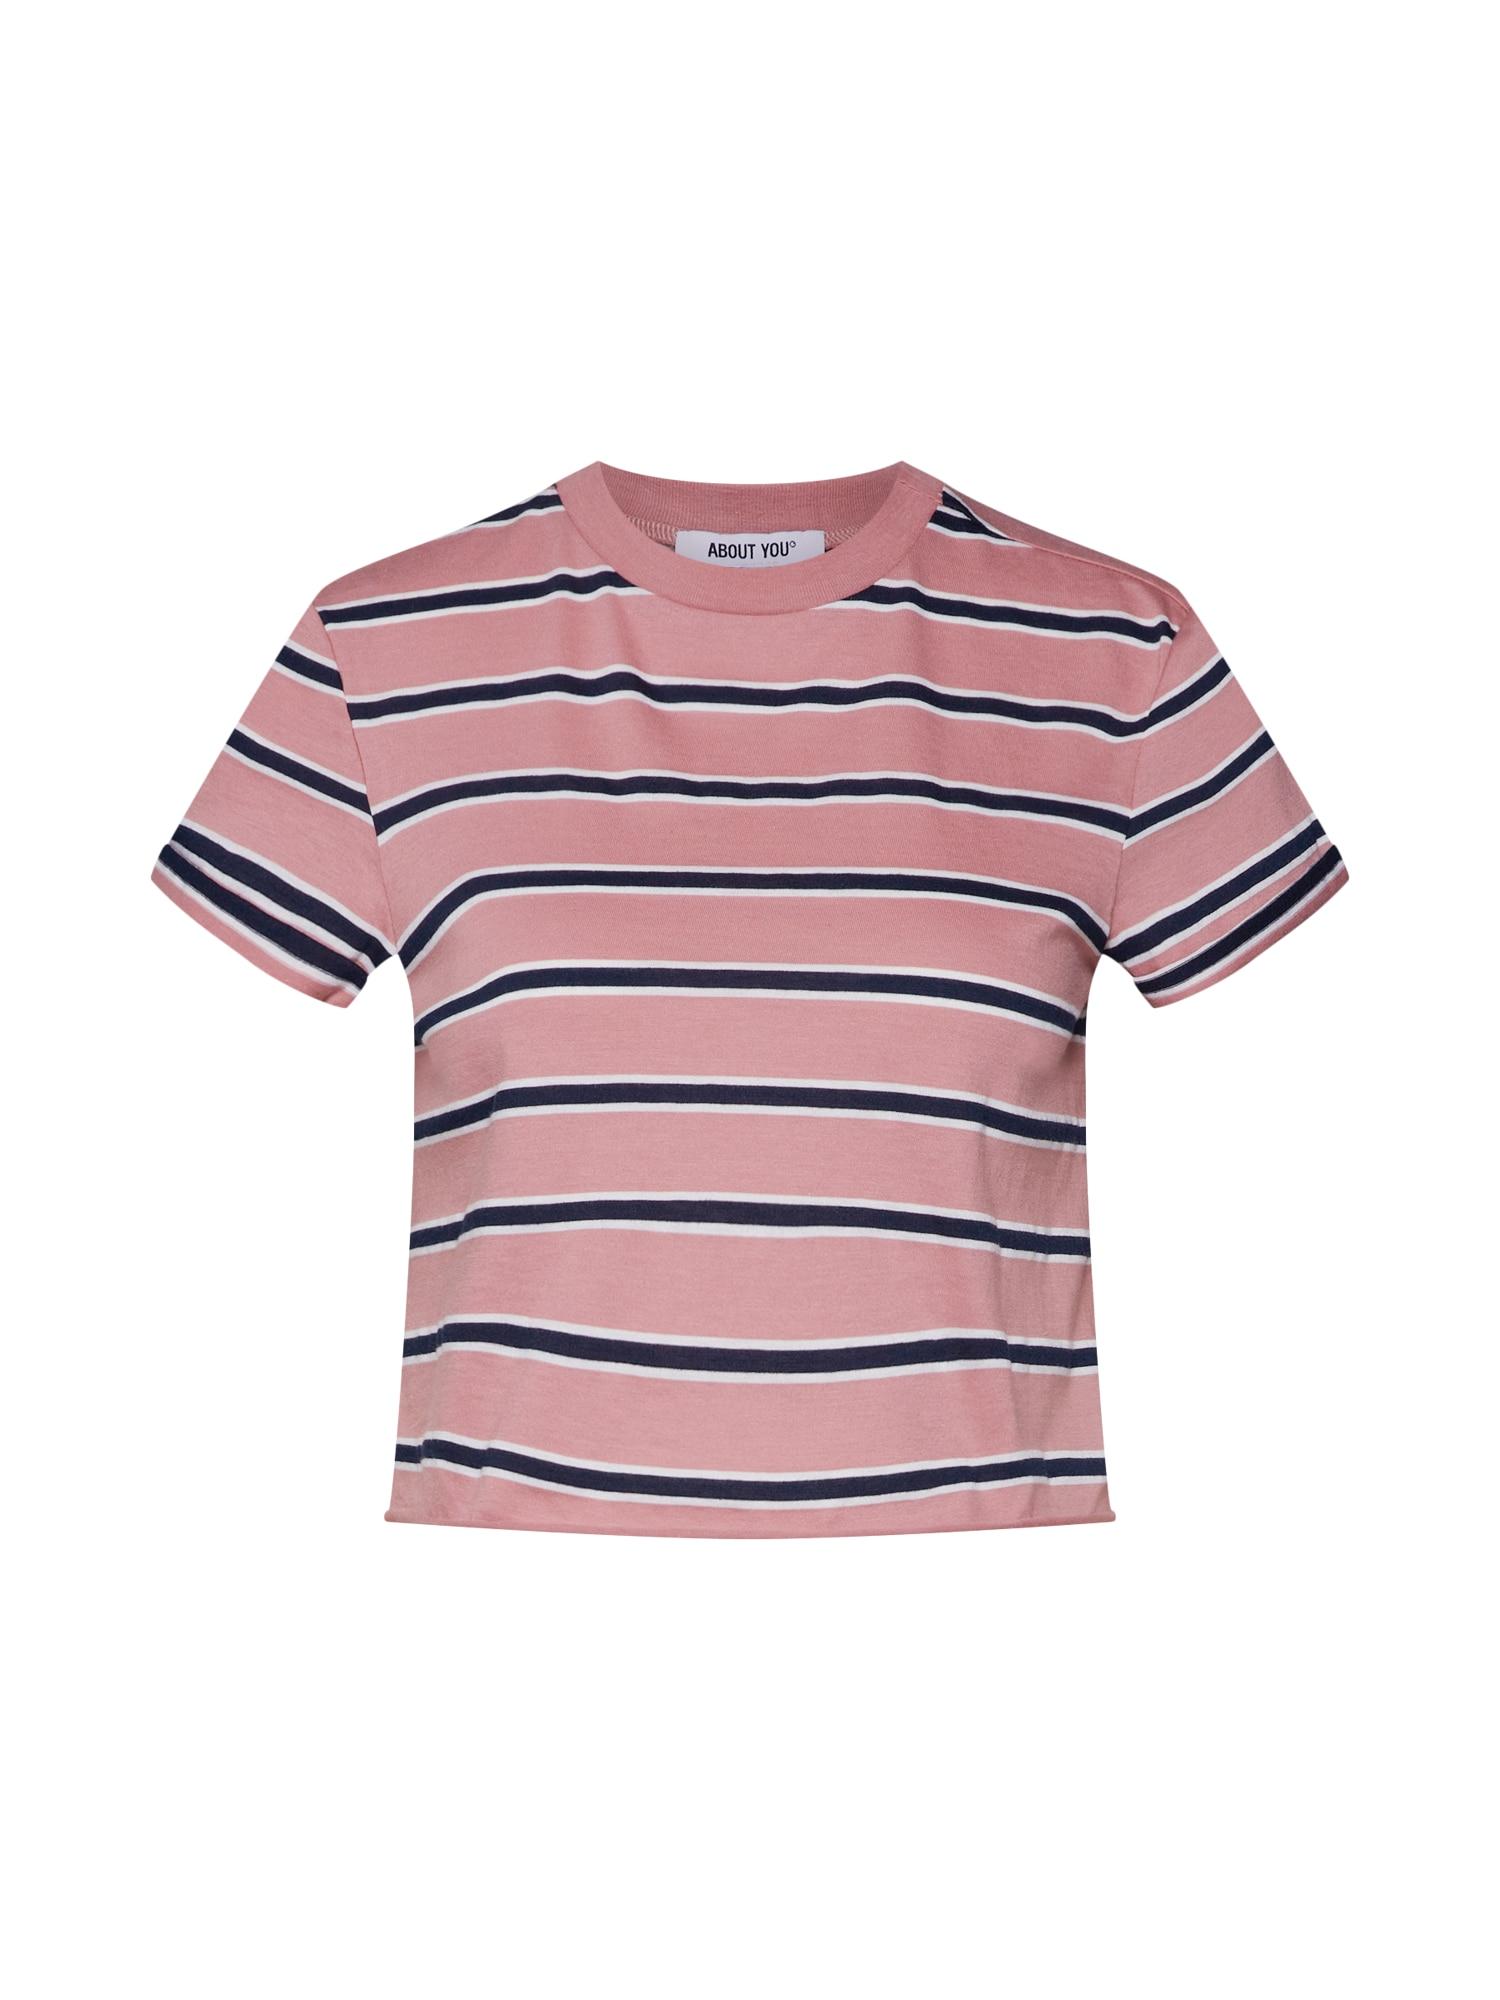 Tričko Alexis námořnická modř růžová ABOUT YOU